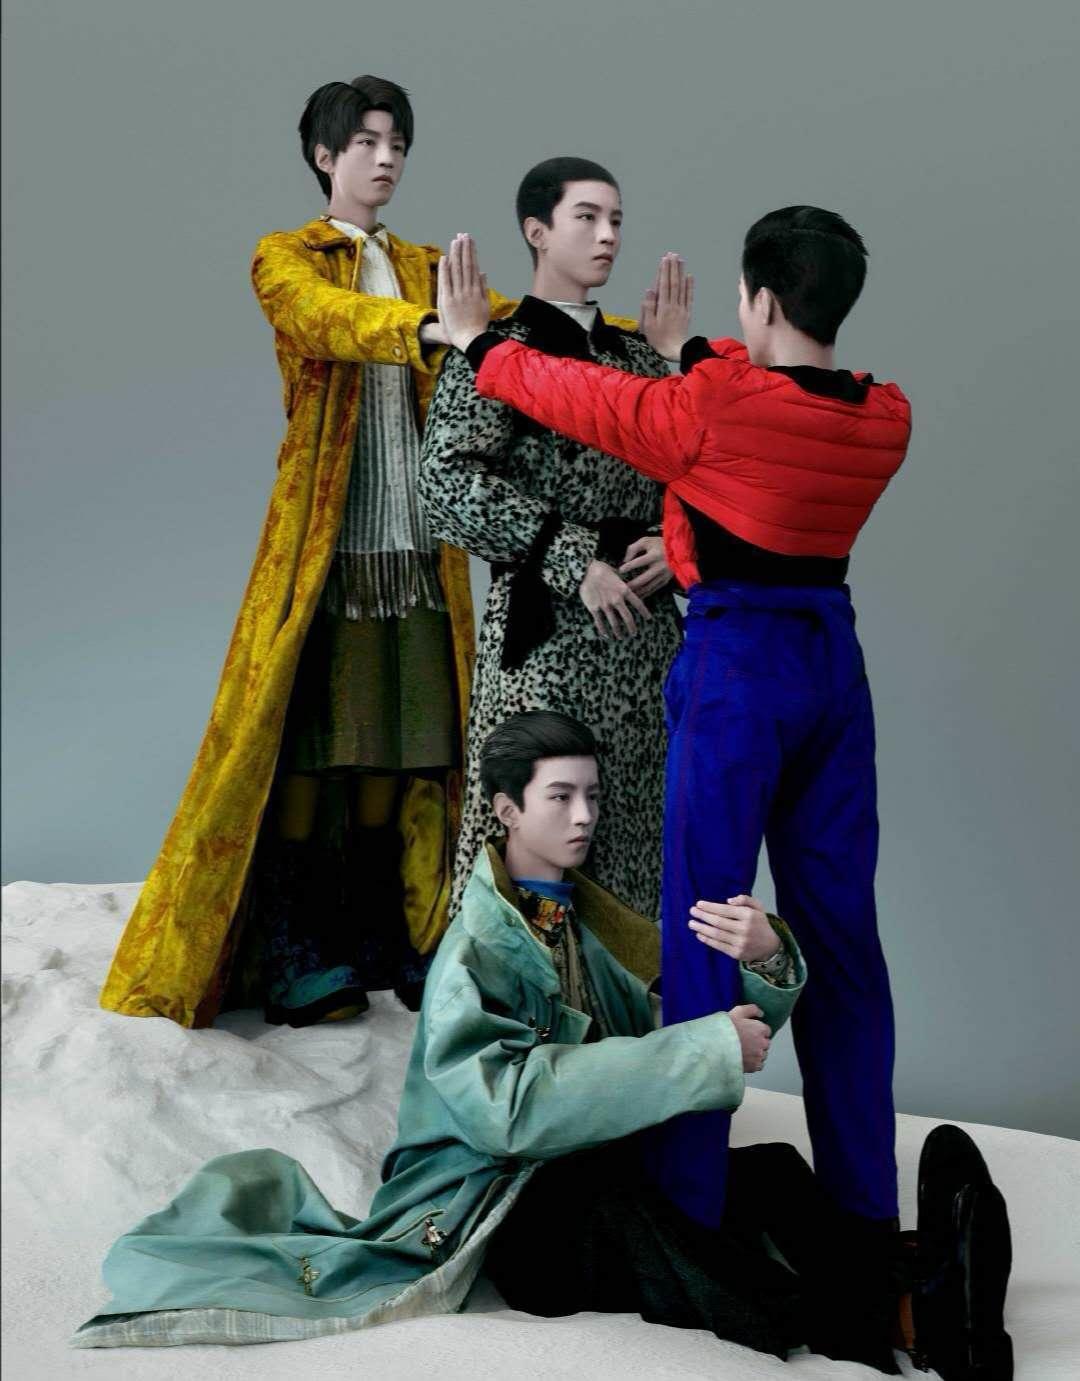 王俊凯时尚大片《这不是王俊凯》寸头曝光,创意十足,艺术感爆棚